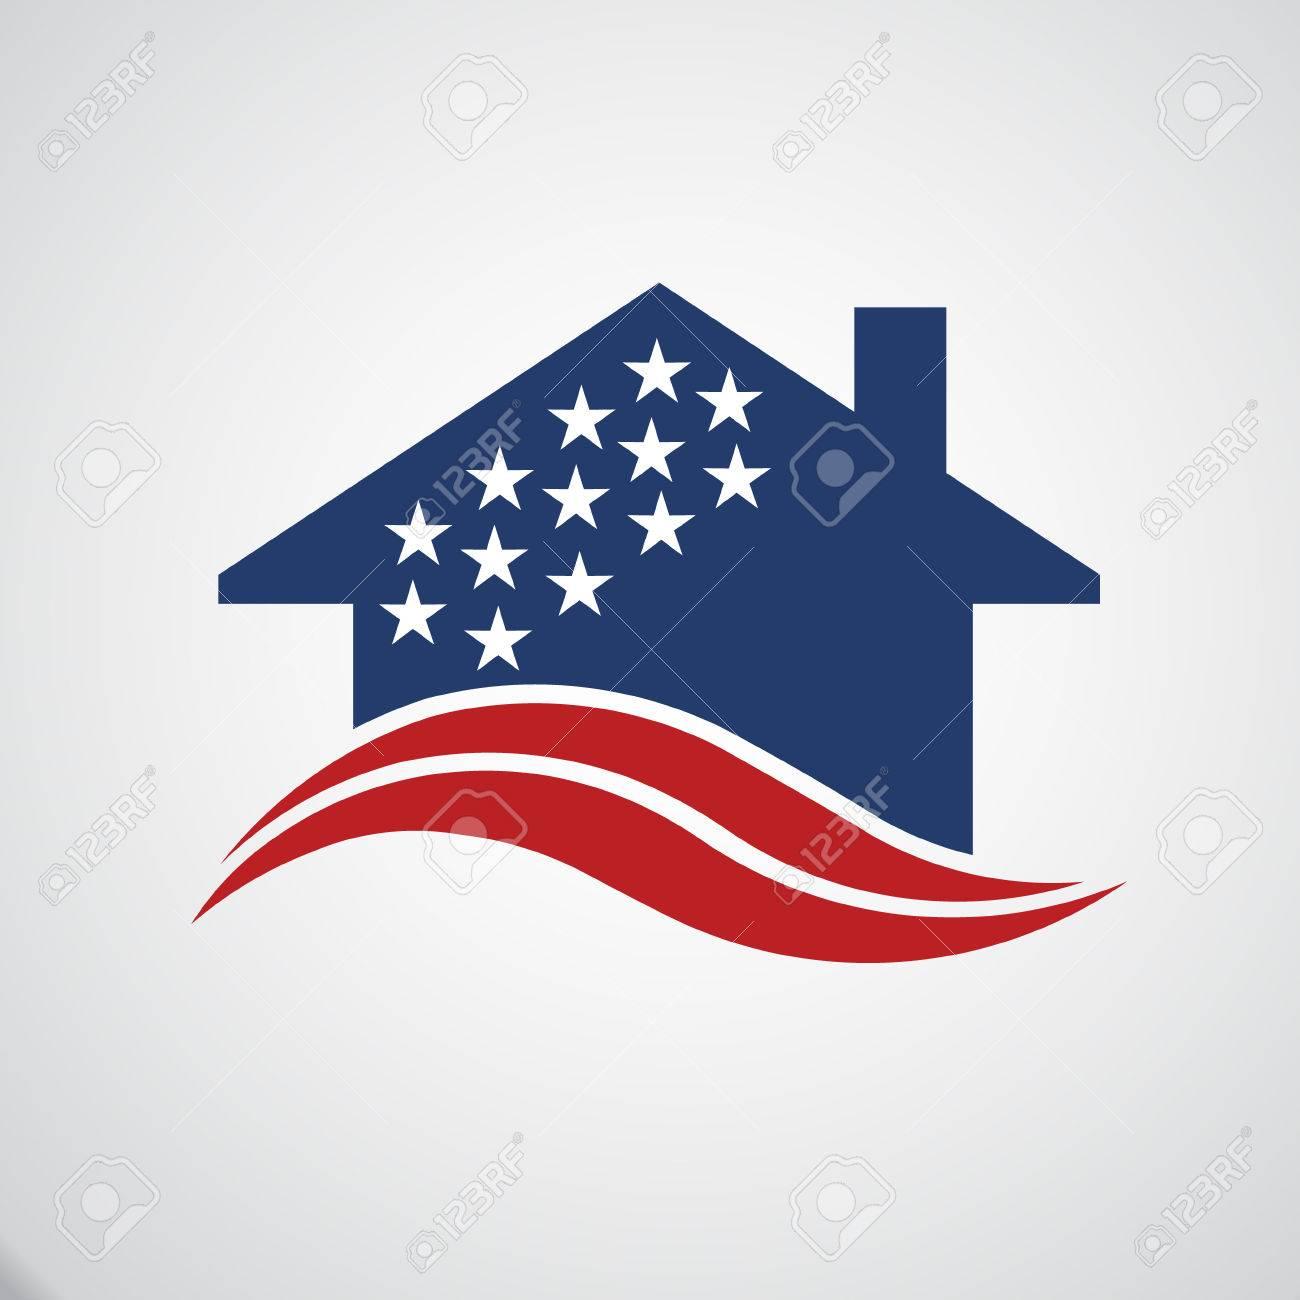 American house logo Archivio Fotografico - 50748988